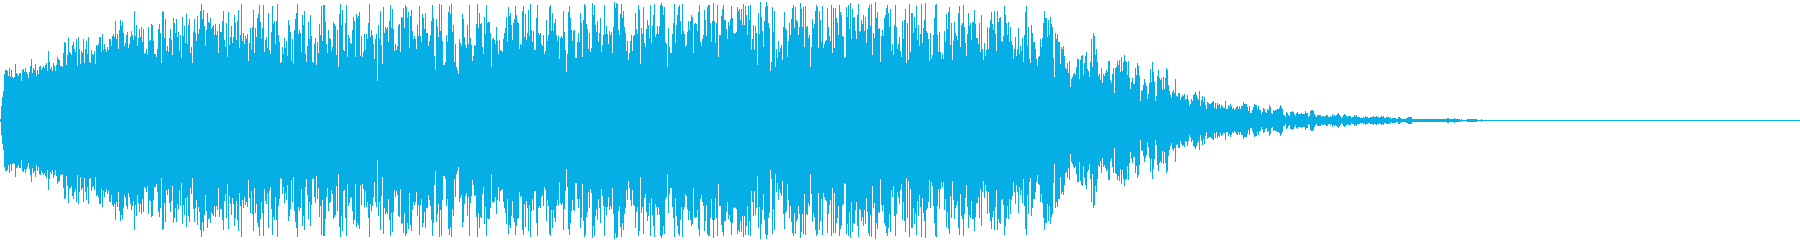 アニメにありそうな爆発音+破片が飛び散るの再生済みの波形